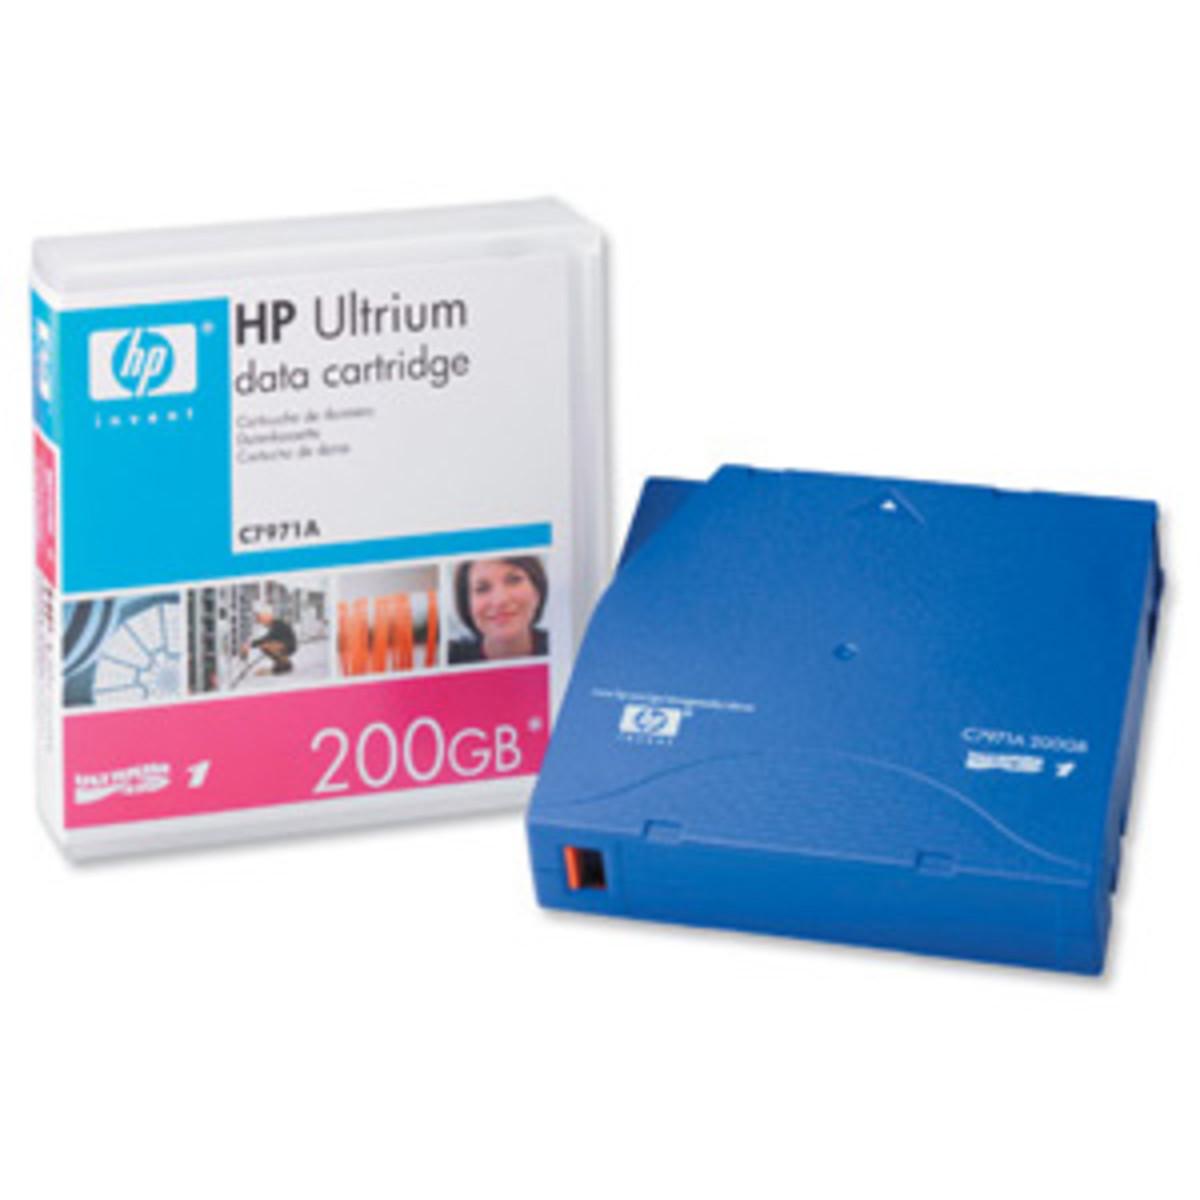 HP LTO1 Ultrium 200GB Data Cartridge (C7971A)